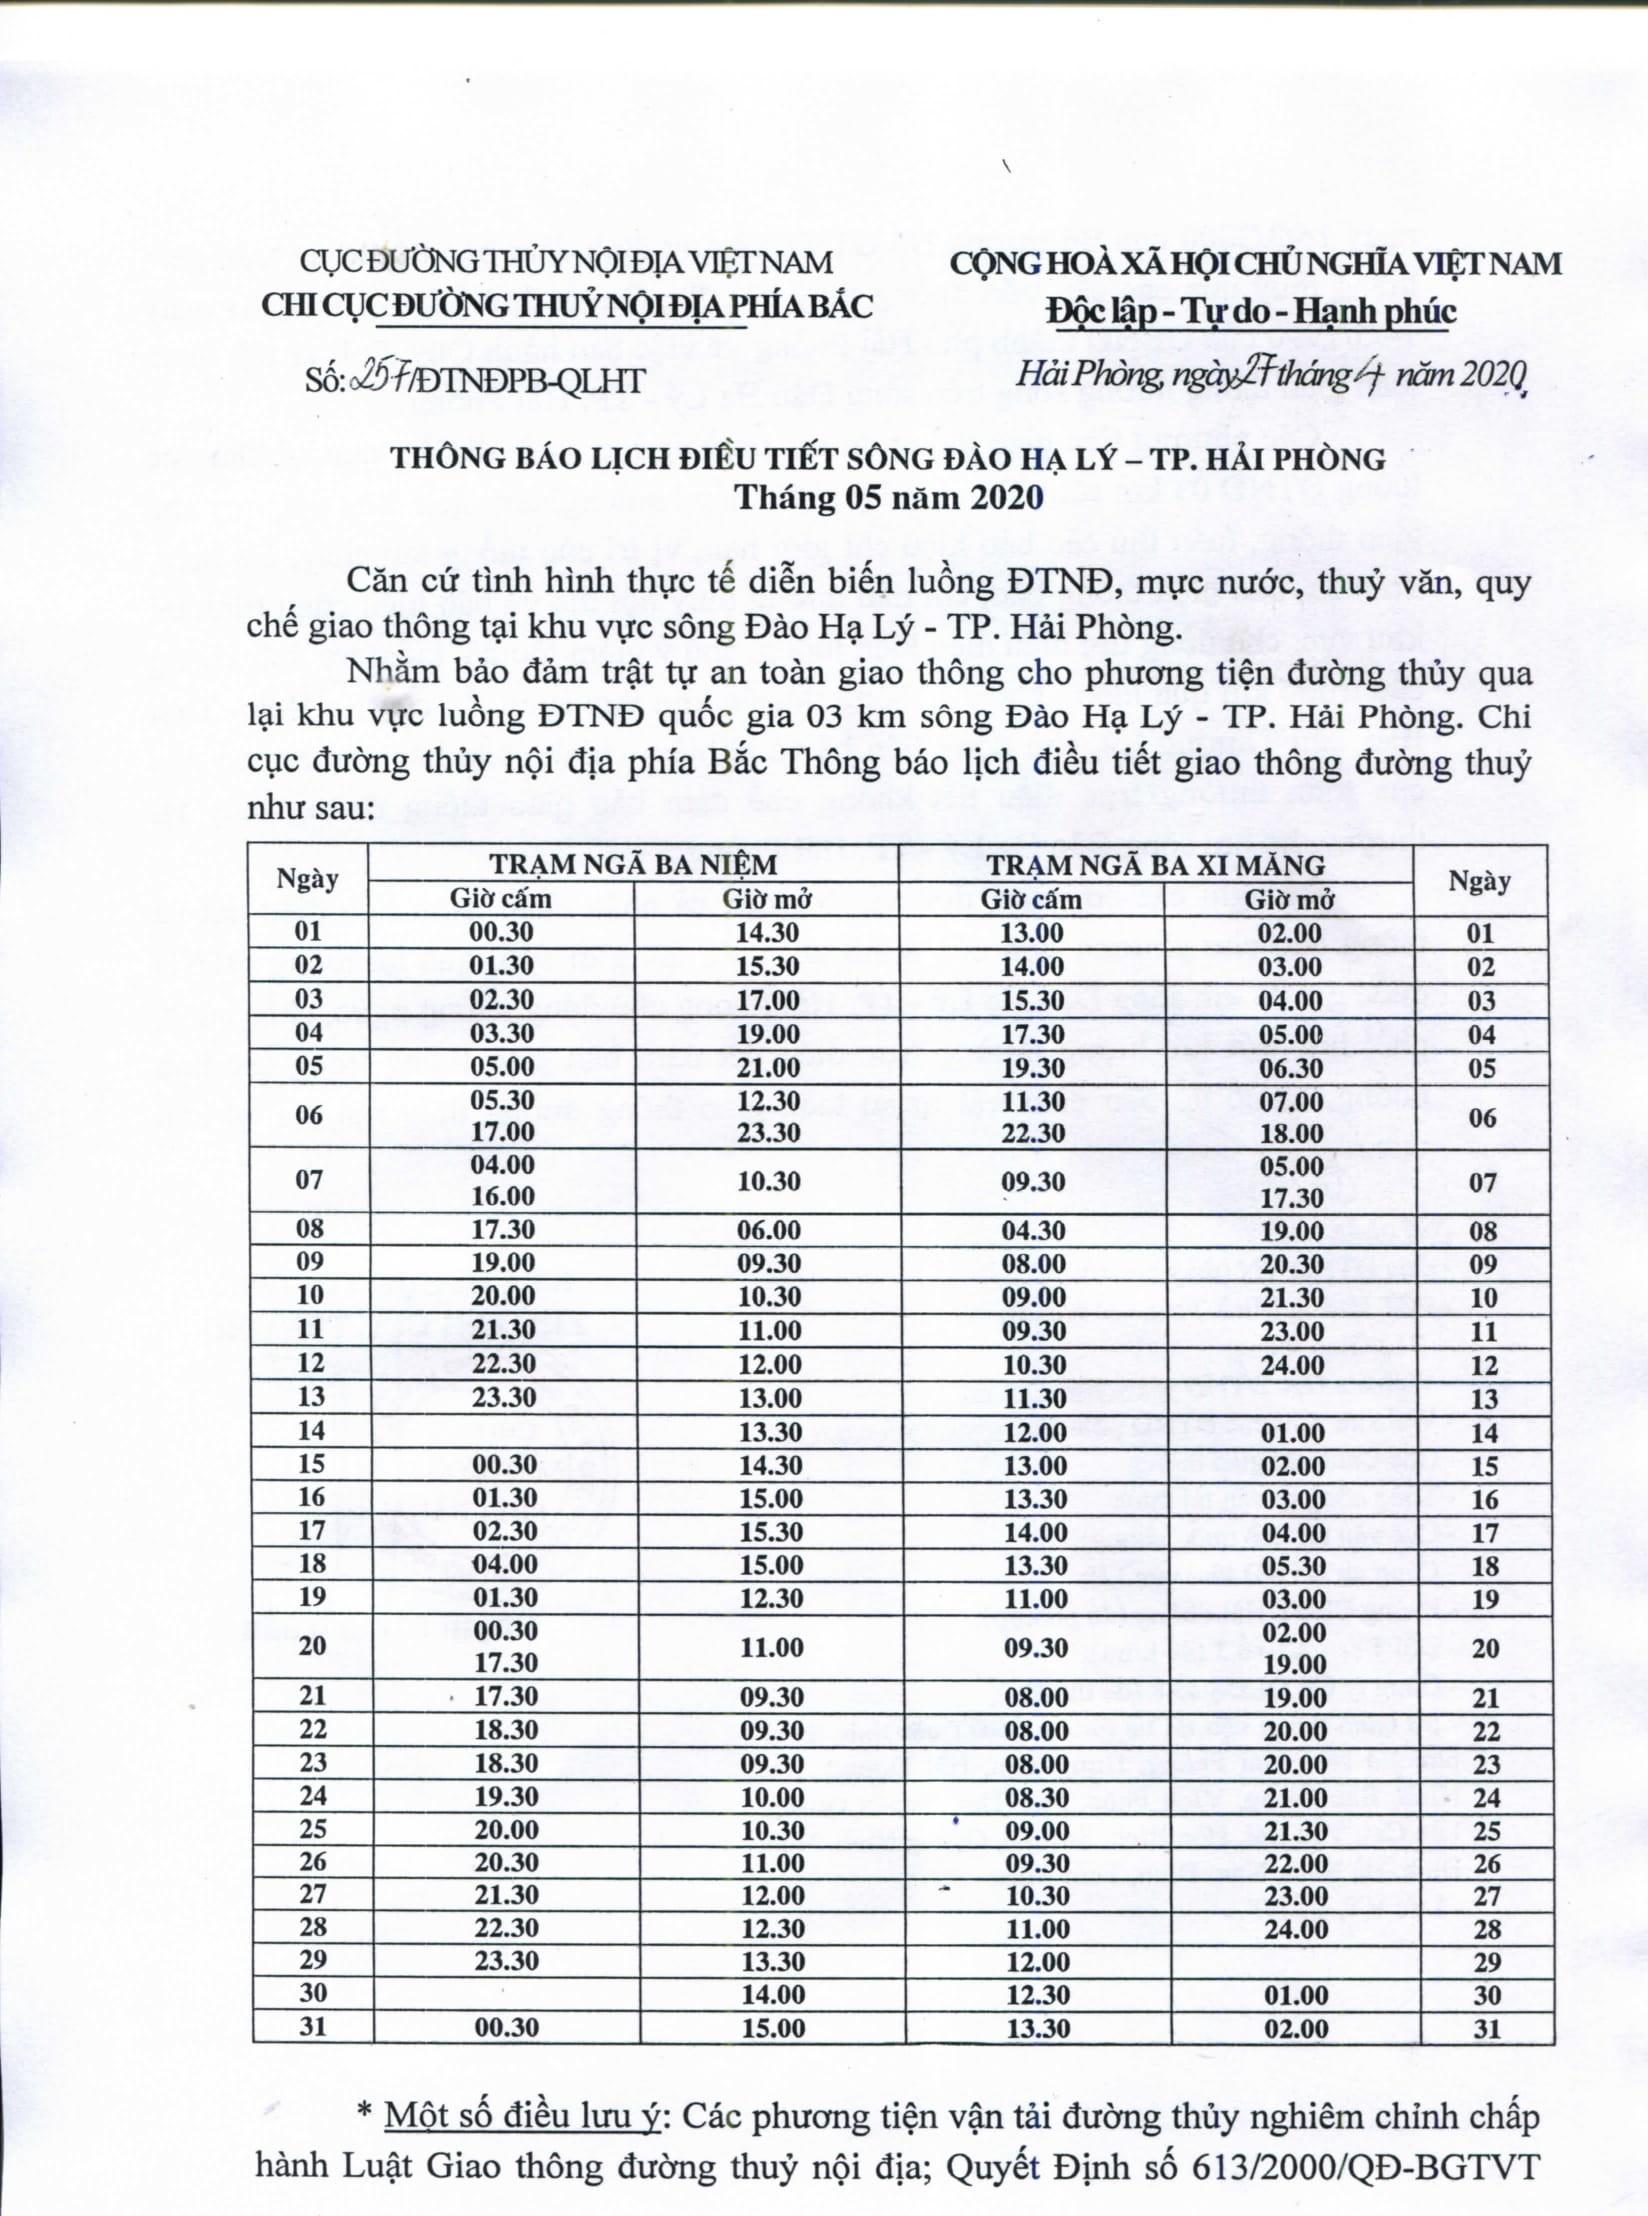 Thông báo lịch điều tiết sông Đào Hạ Lý - TP Hải Phòng tháng 05/2020